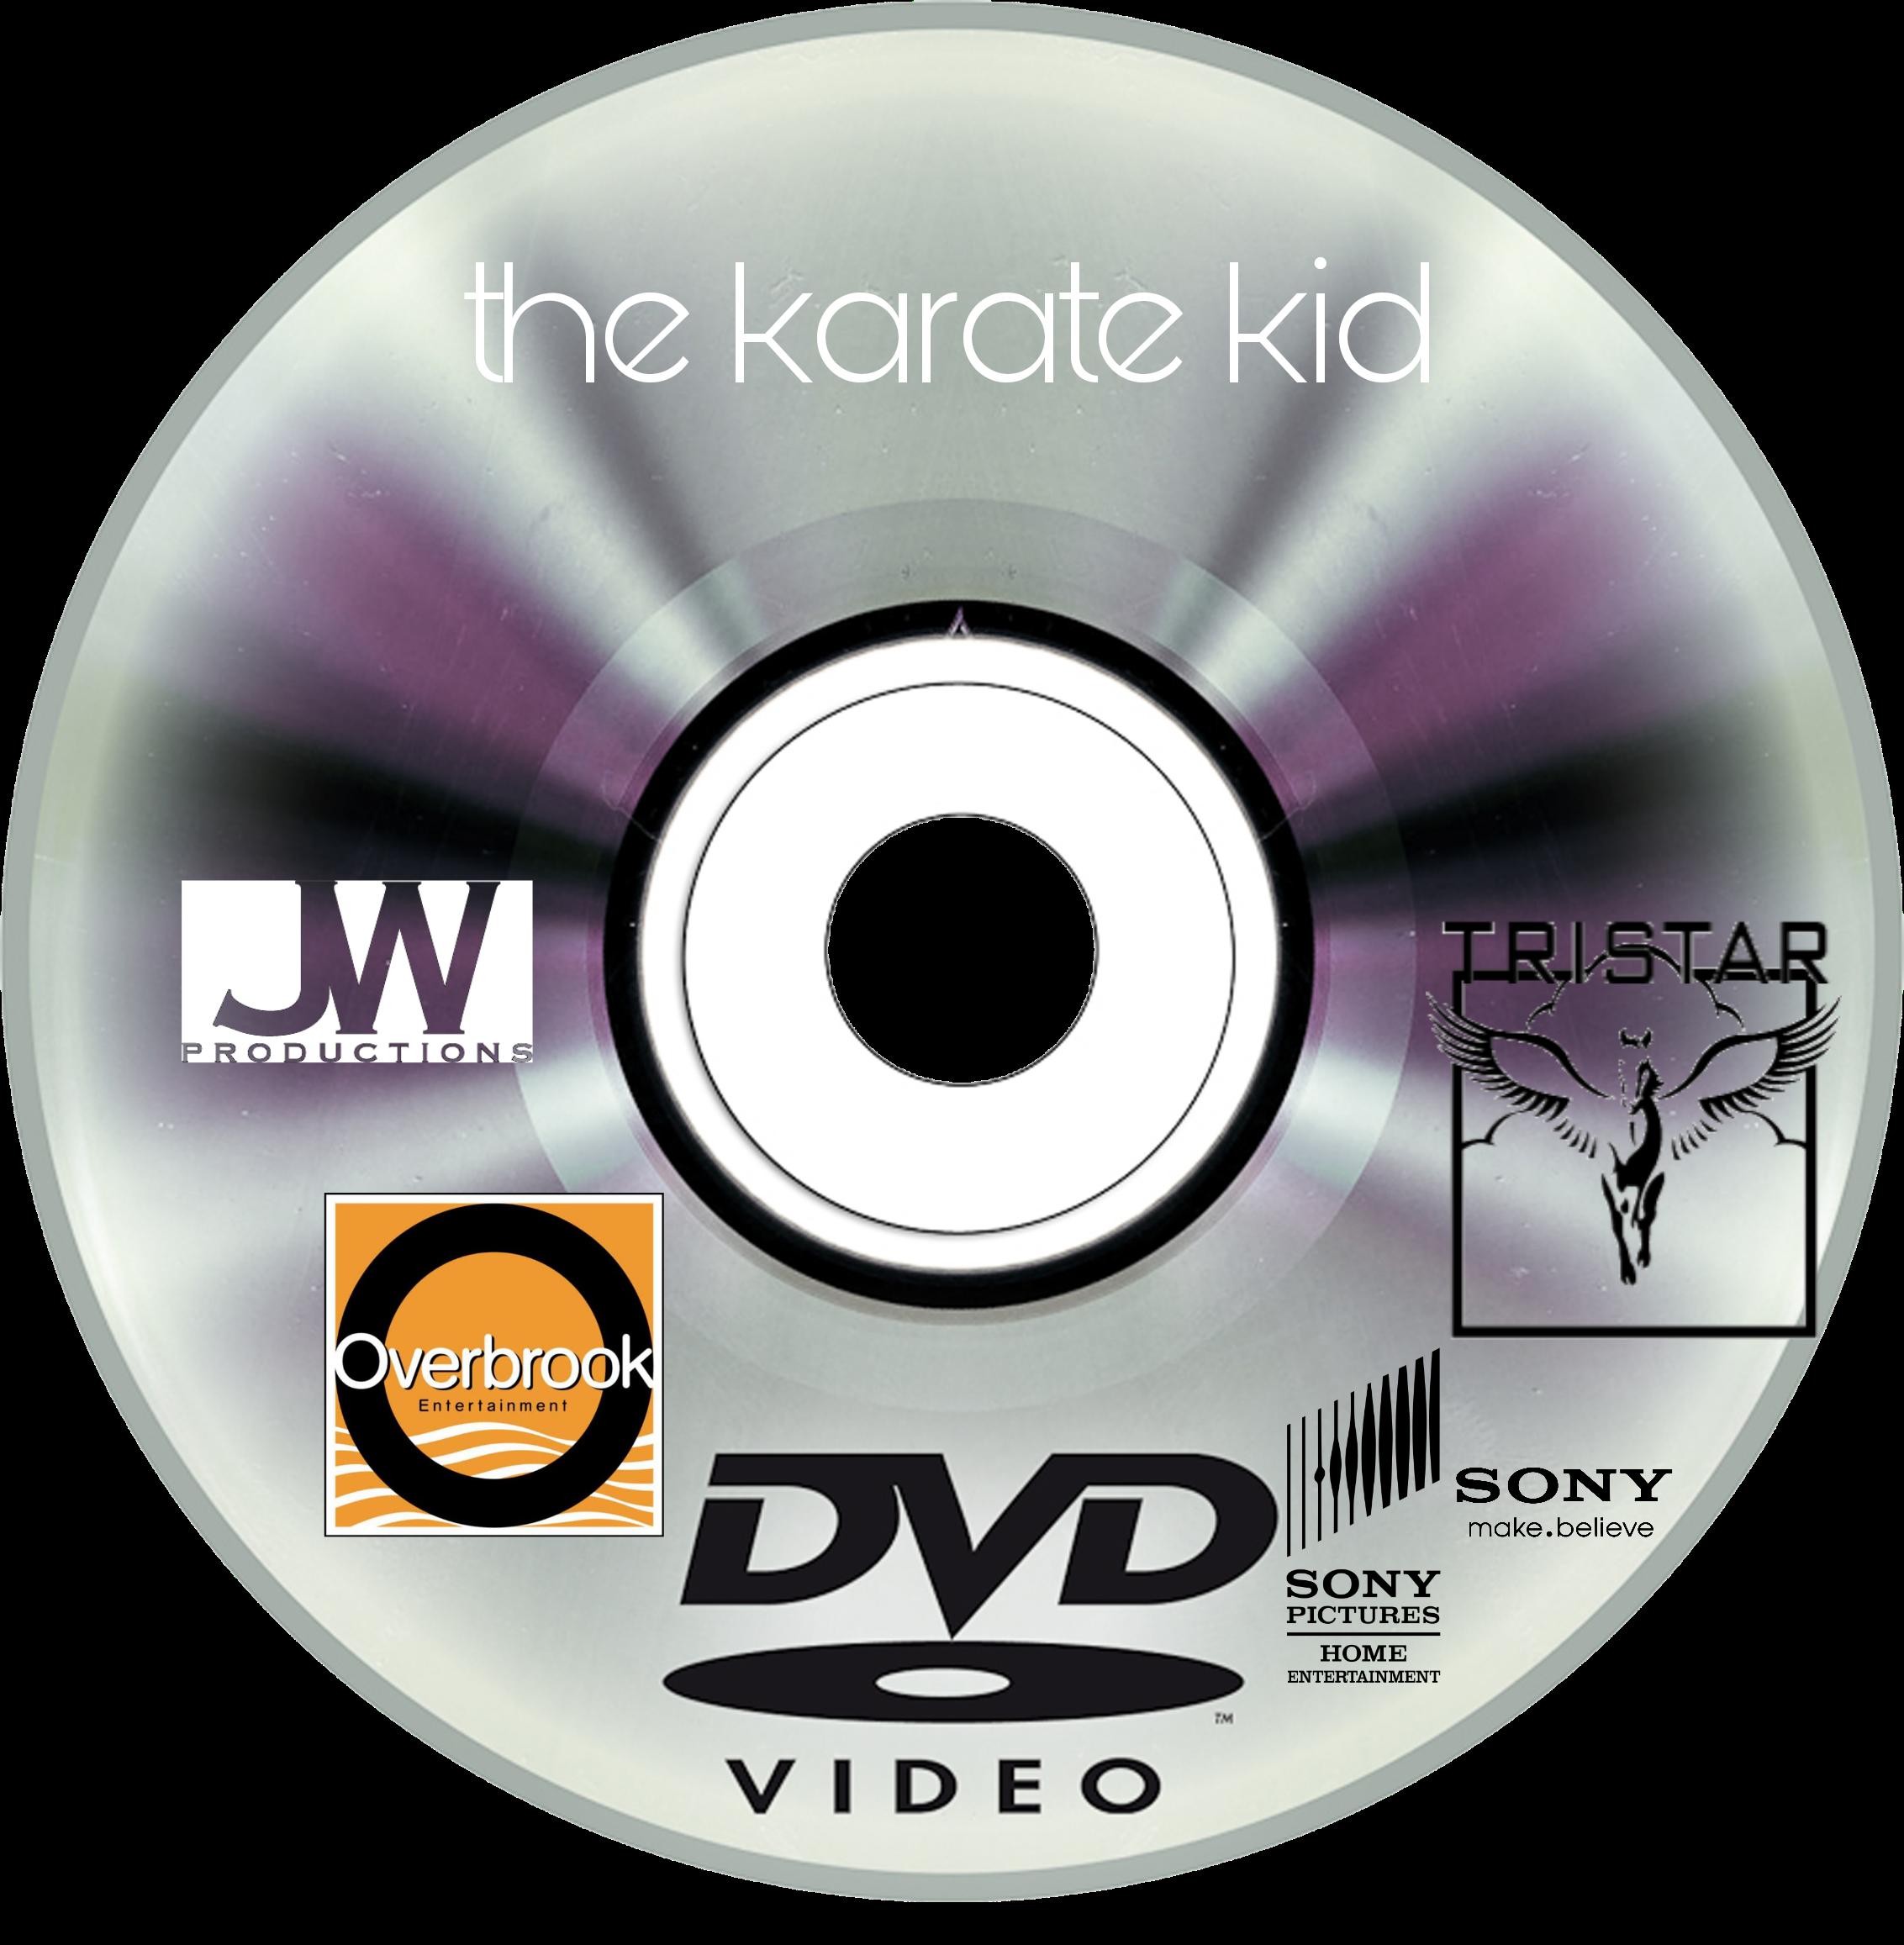 The Karate Kid 2017 Image By Kenyattastanton 12